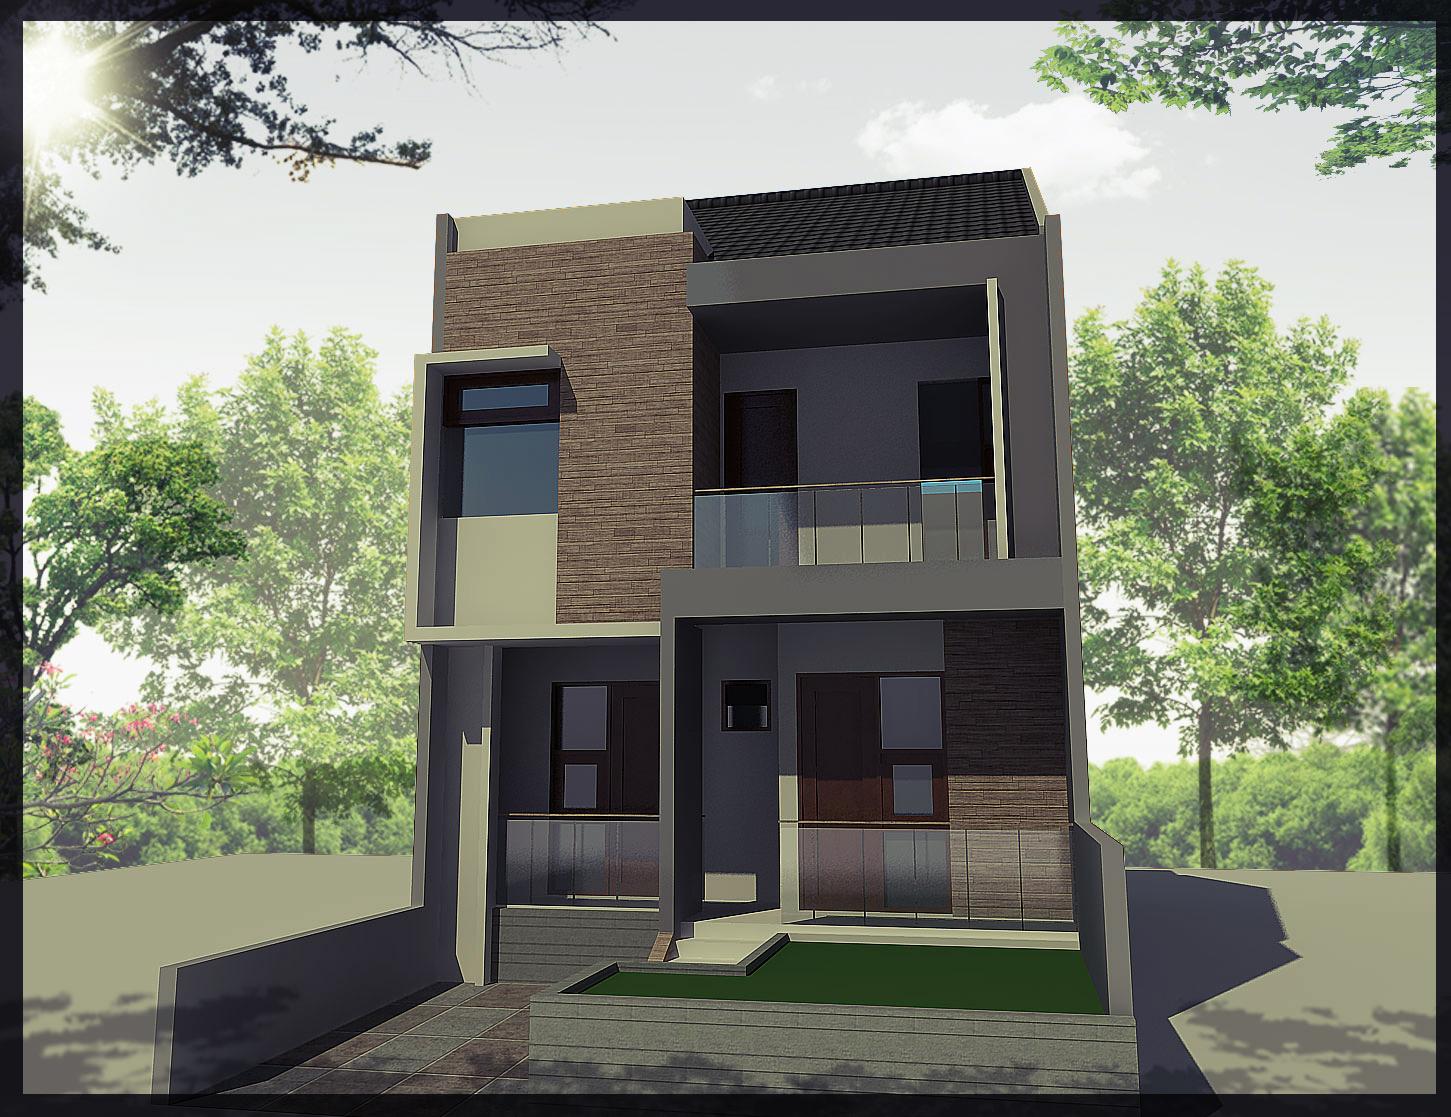 Desain Rumah Tingkat 2 Minimalis Modern  Rumah Minimalis